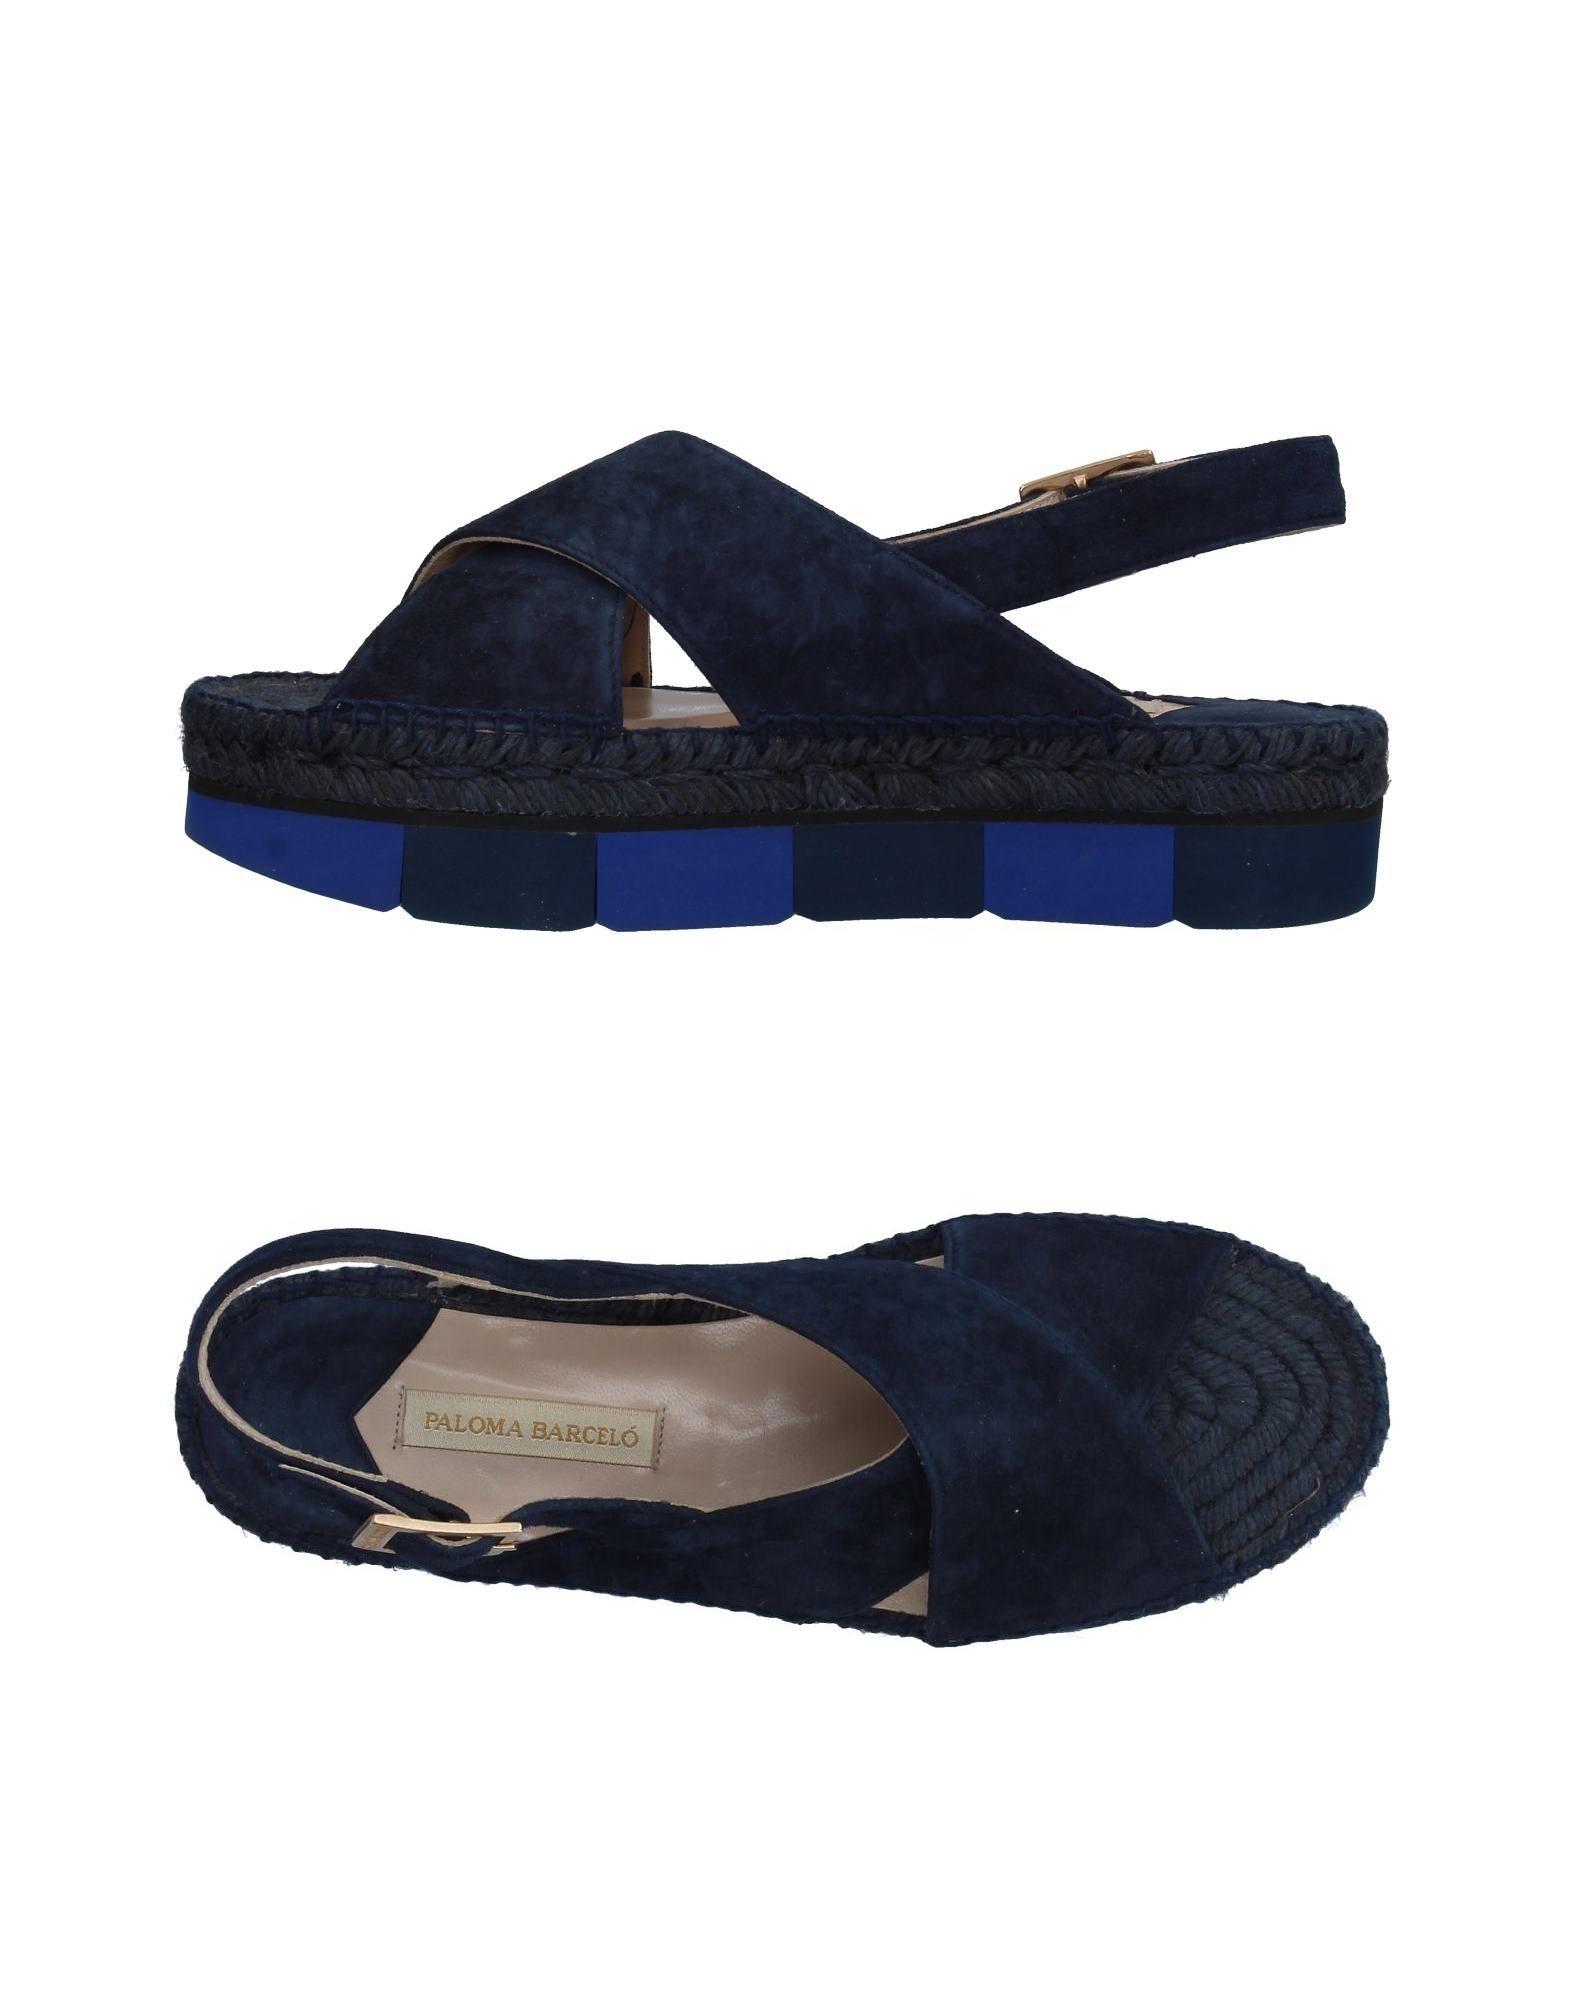 Paloma Barceló Sandalen Damen  11355147CS Gute Qualität beliebte Schuhe